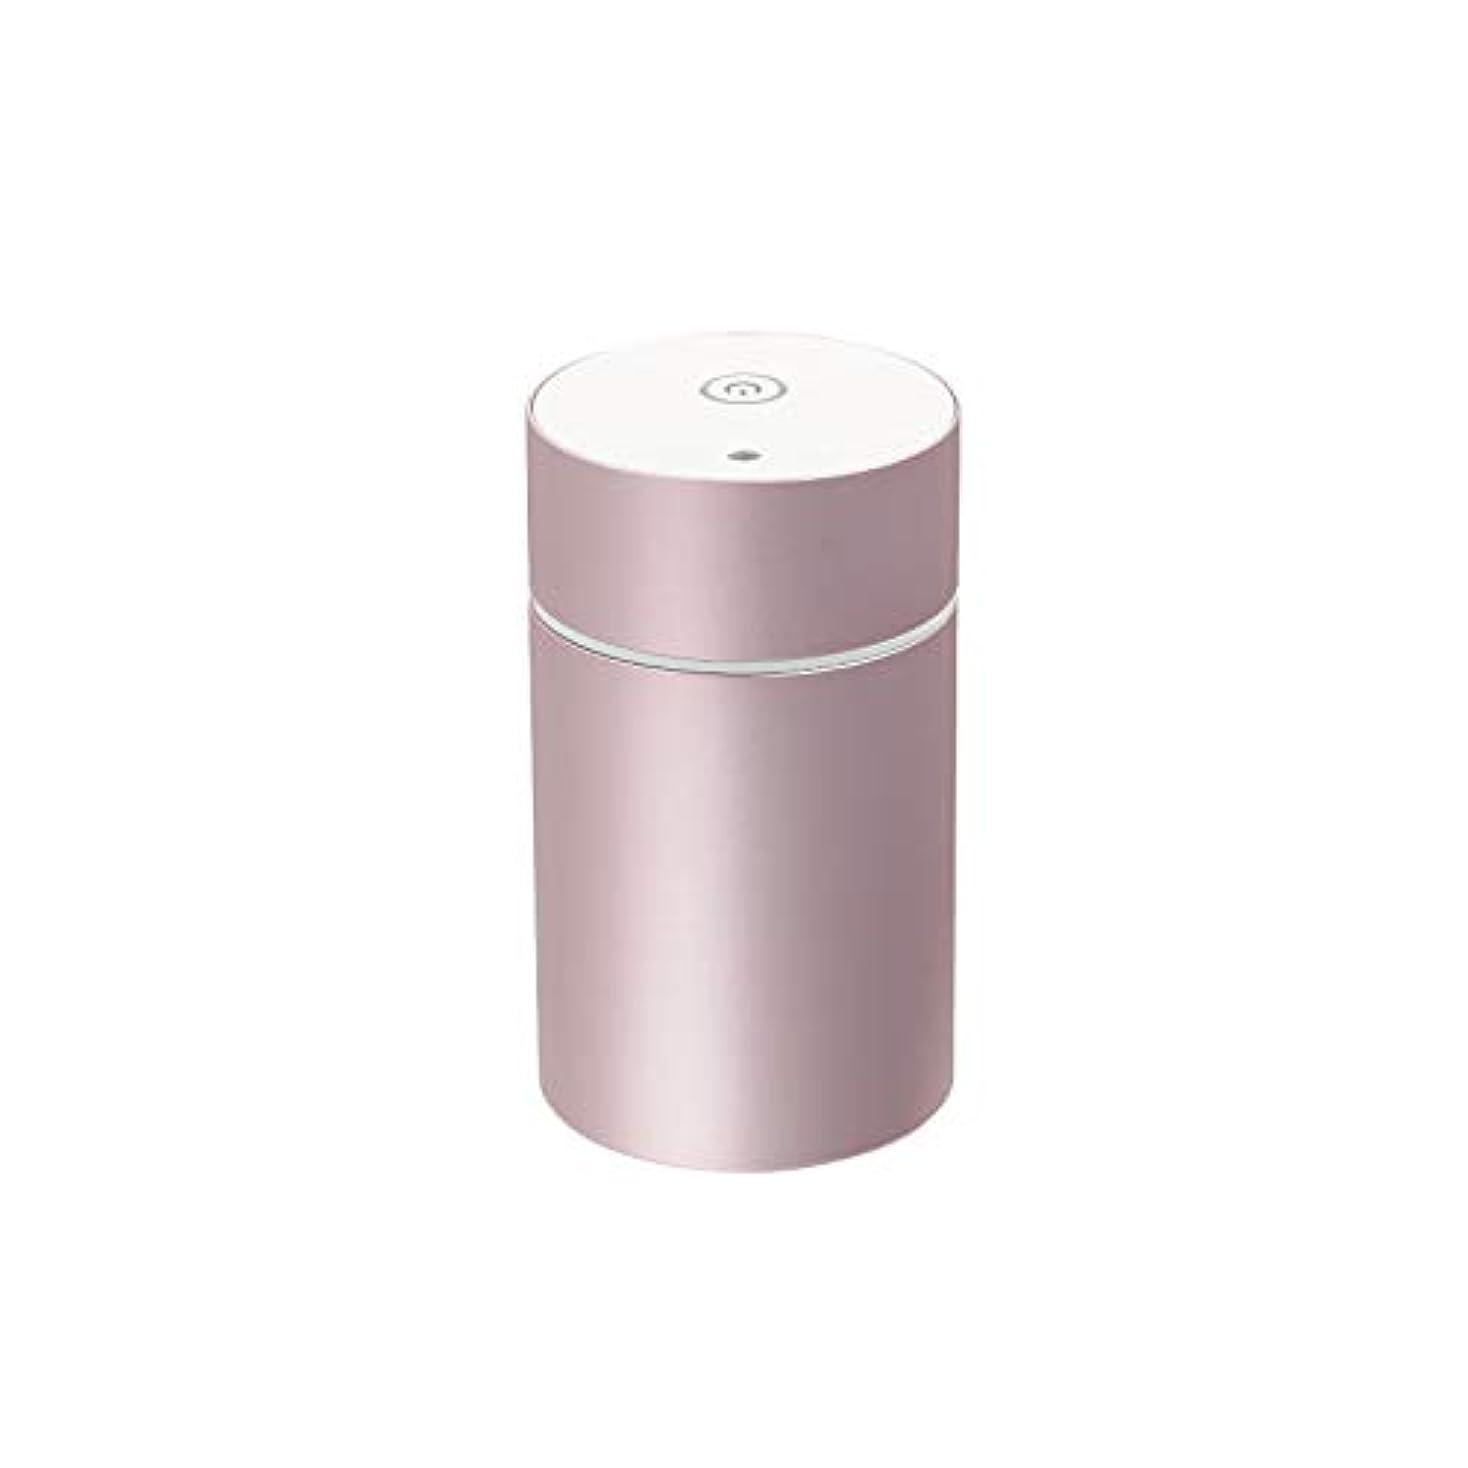 流暢引き付ける乱暴な生活の木 アロマディフューザー(ピンク)aromore mini(アロモアミニ) 08-801-7020